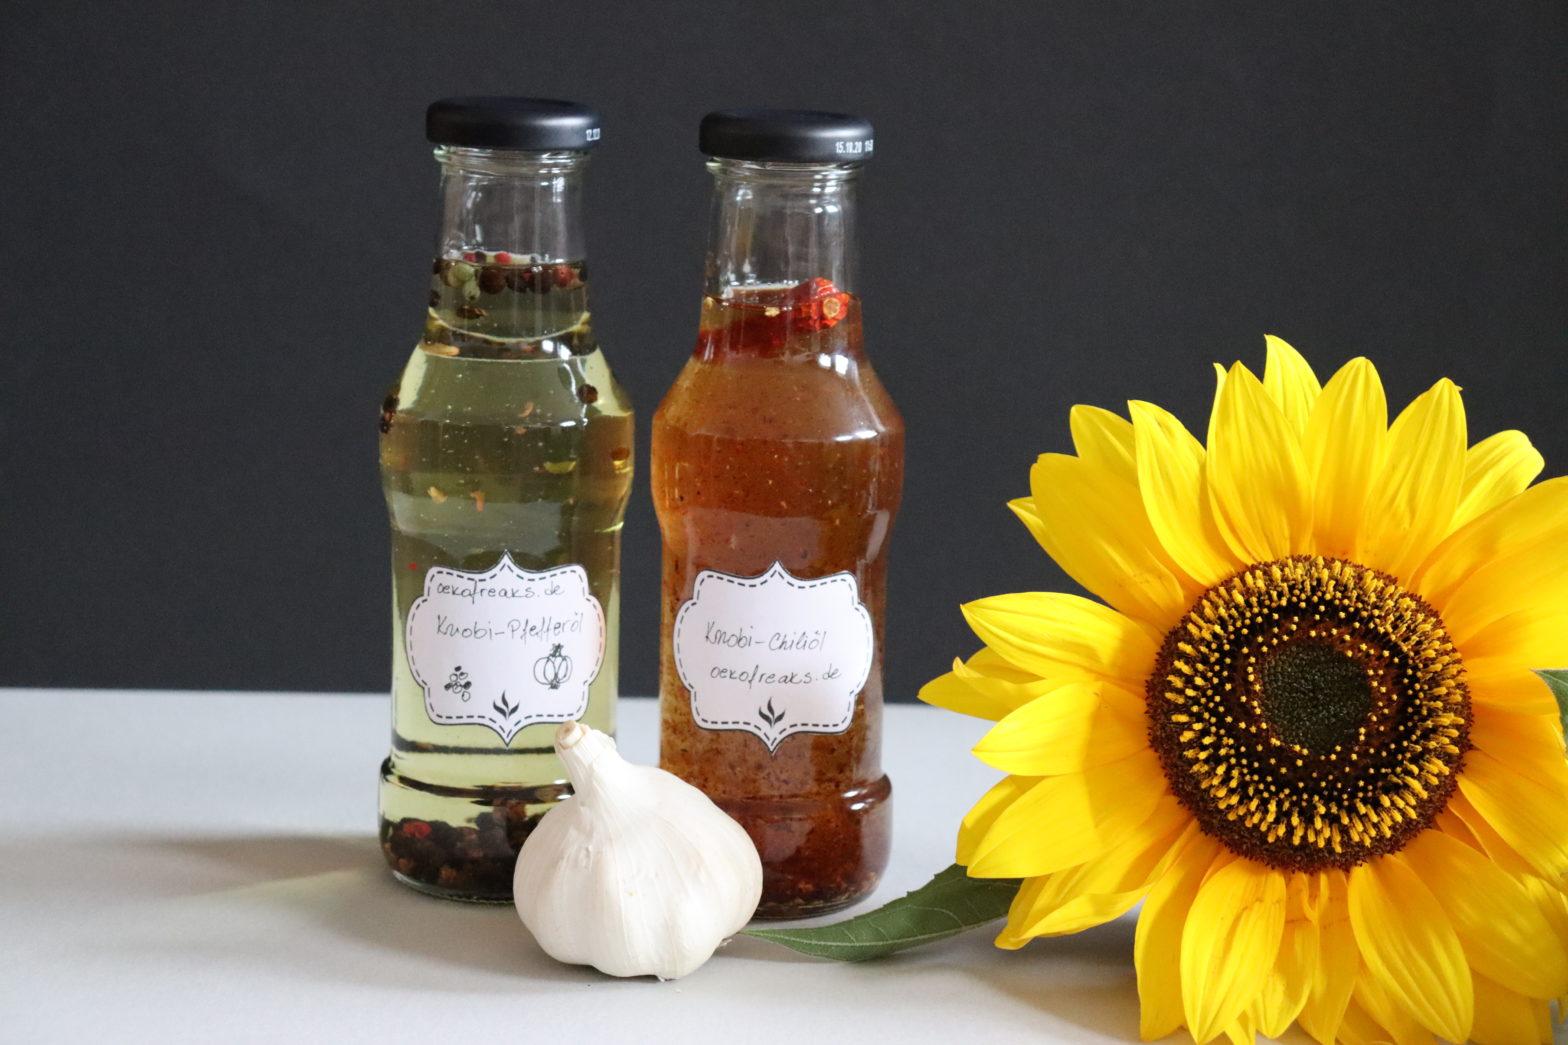 zwei Flschen mit selbstgemachtem Knobiöl und eine Knolle Knoblauch dekoriert mit Sonnenblumen